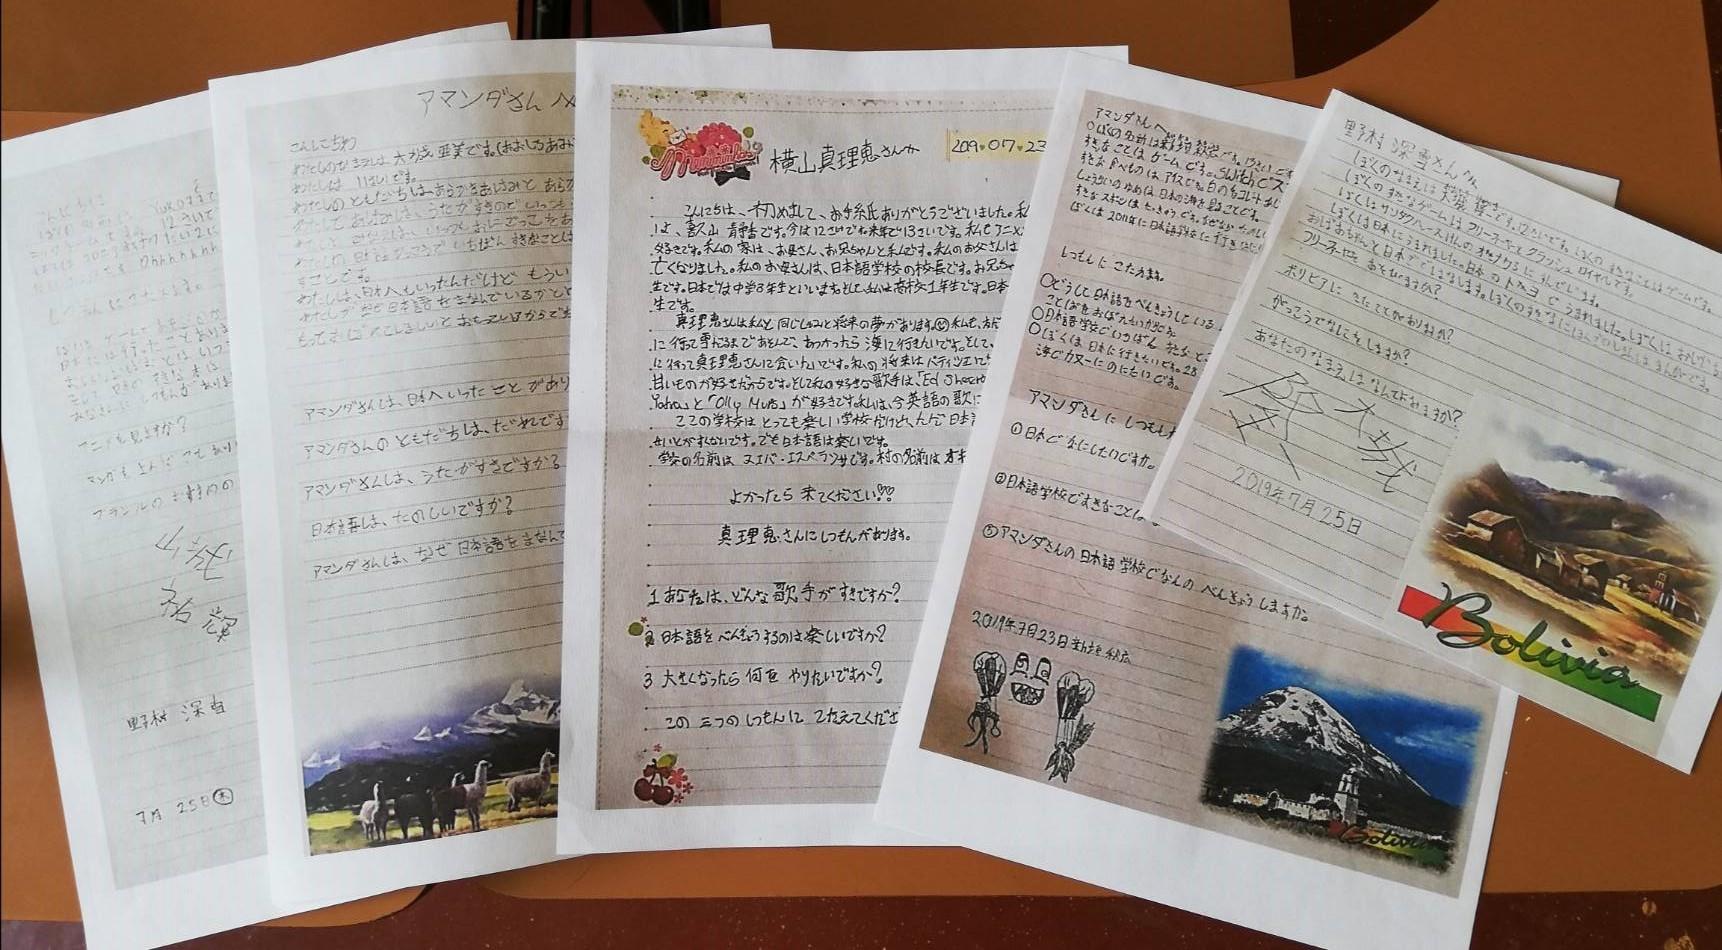 コロニア・オキナワからの手紙